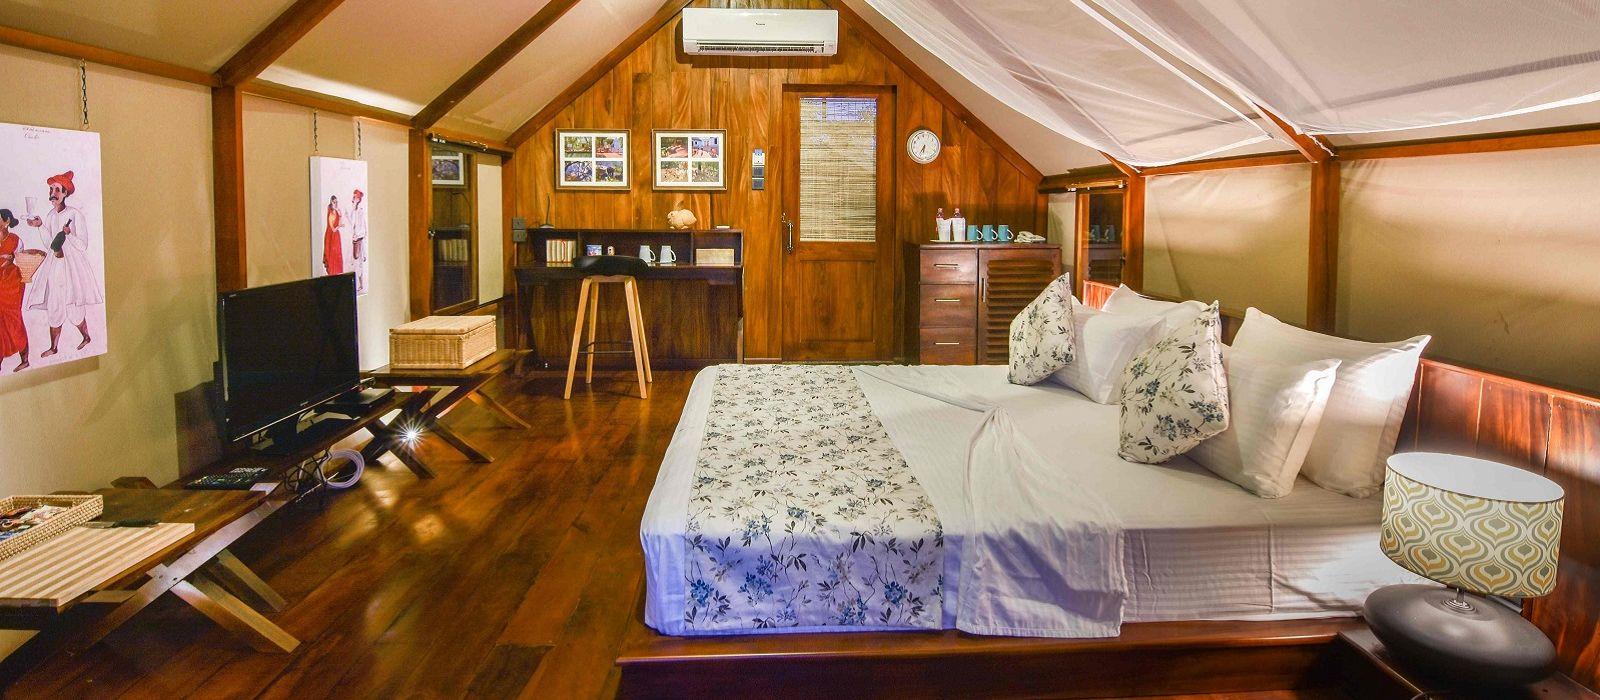 Hotel Thamaravila By Elephant Stables Sri Lanka